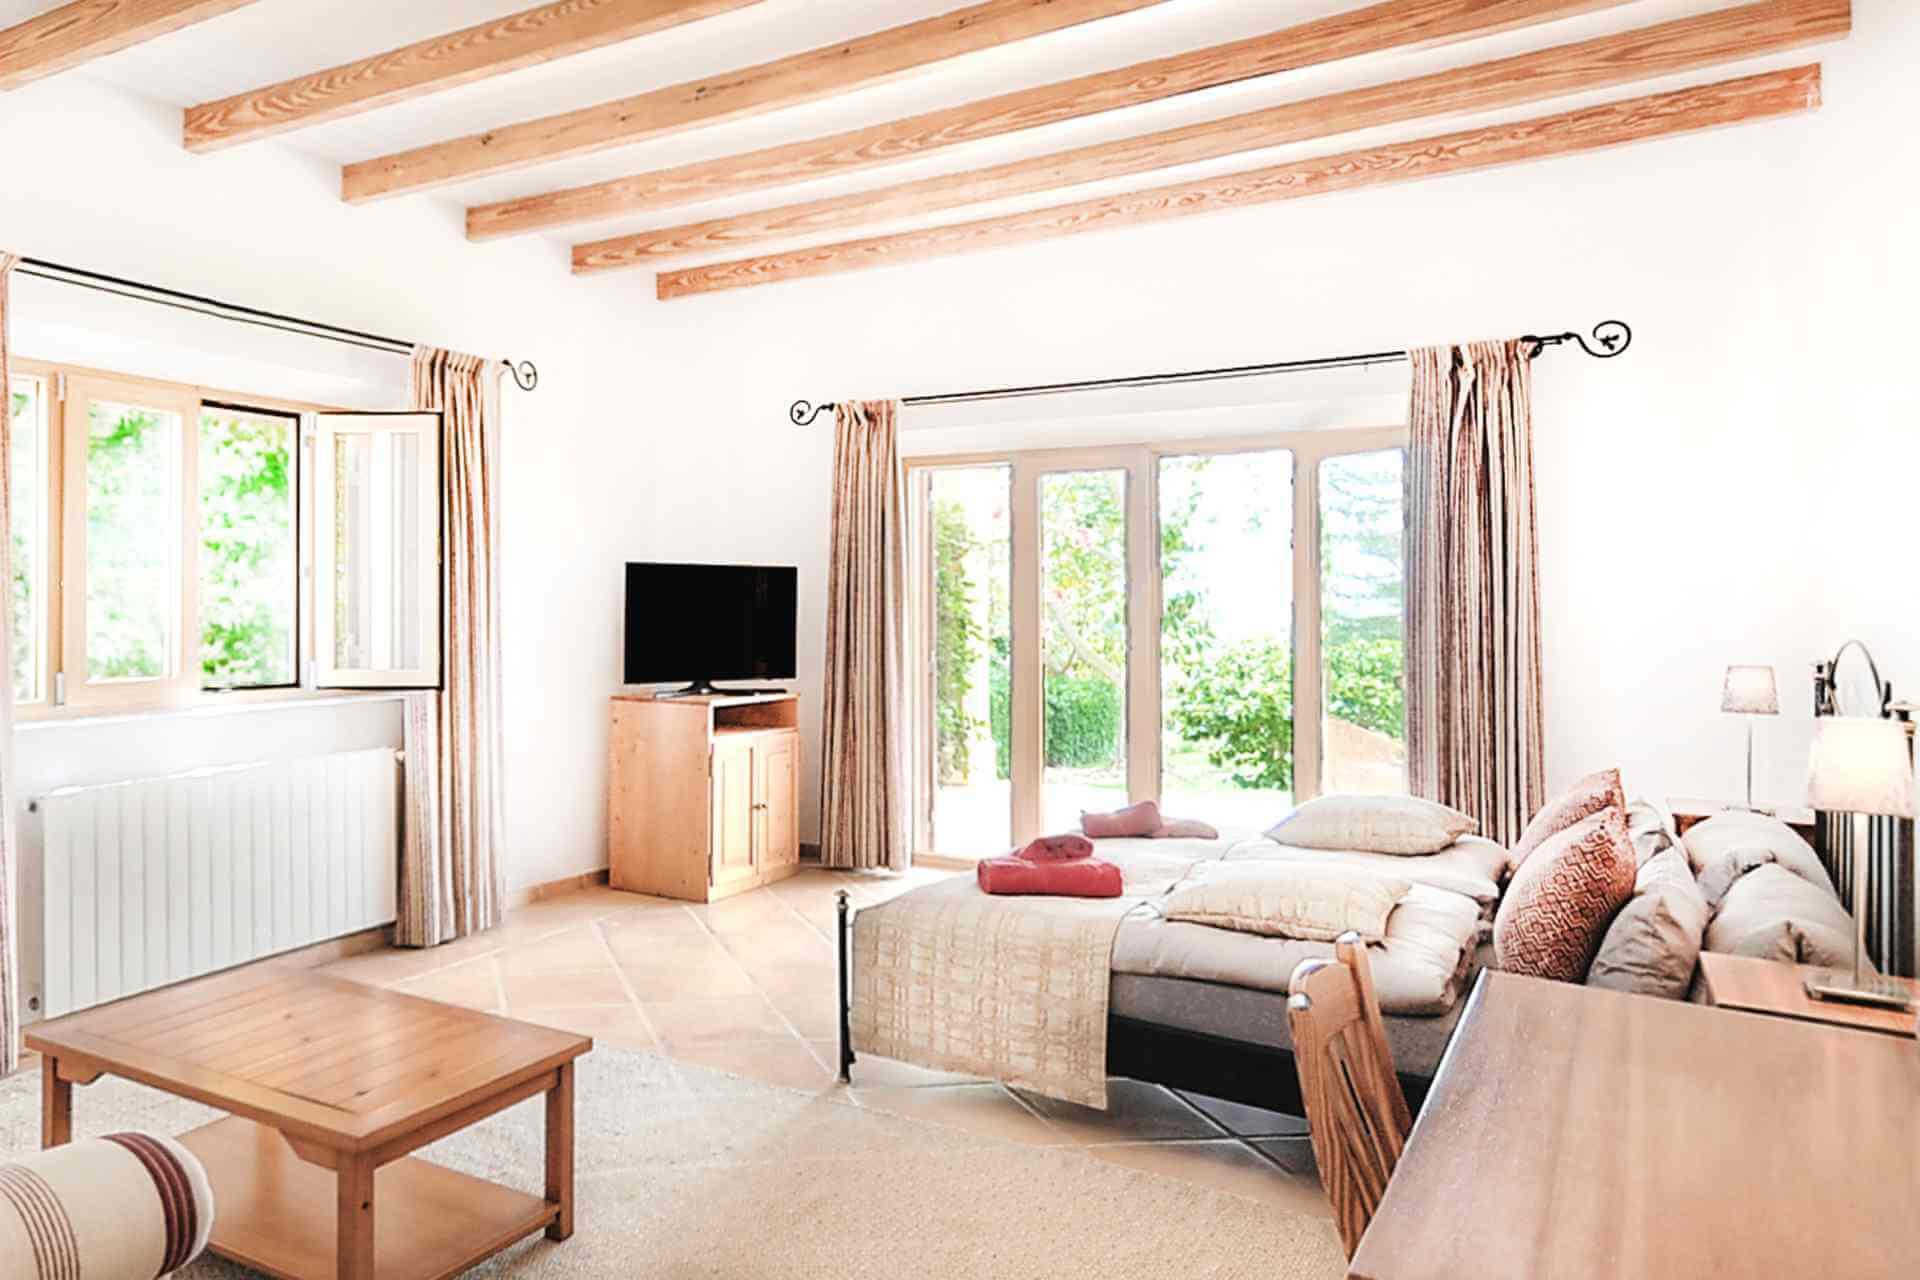 01-319 riesige luxus Finca Mallorca Osten Bild 30